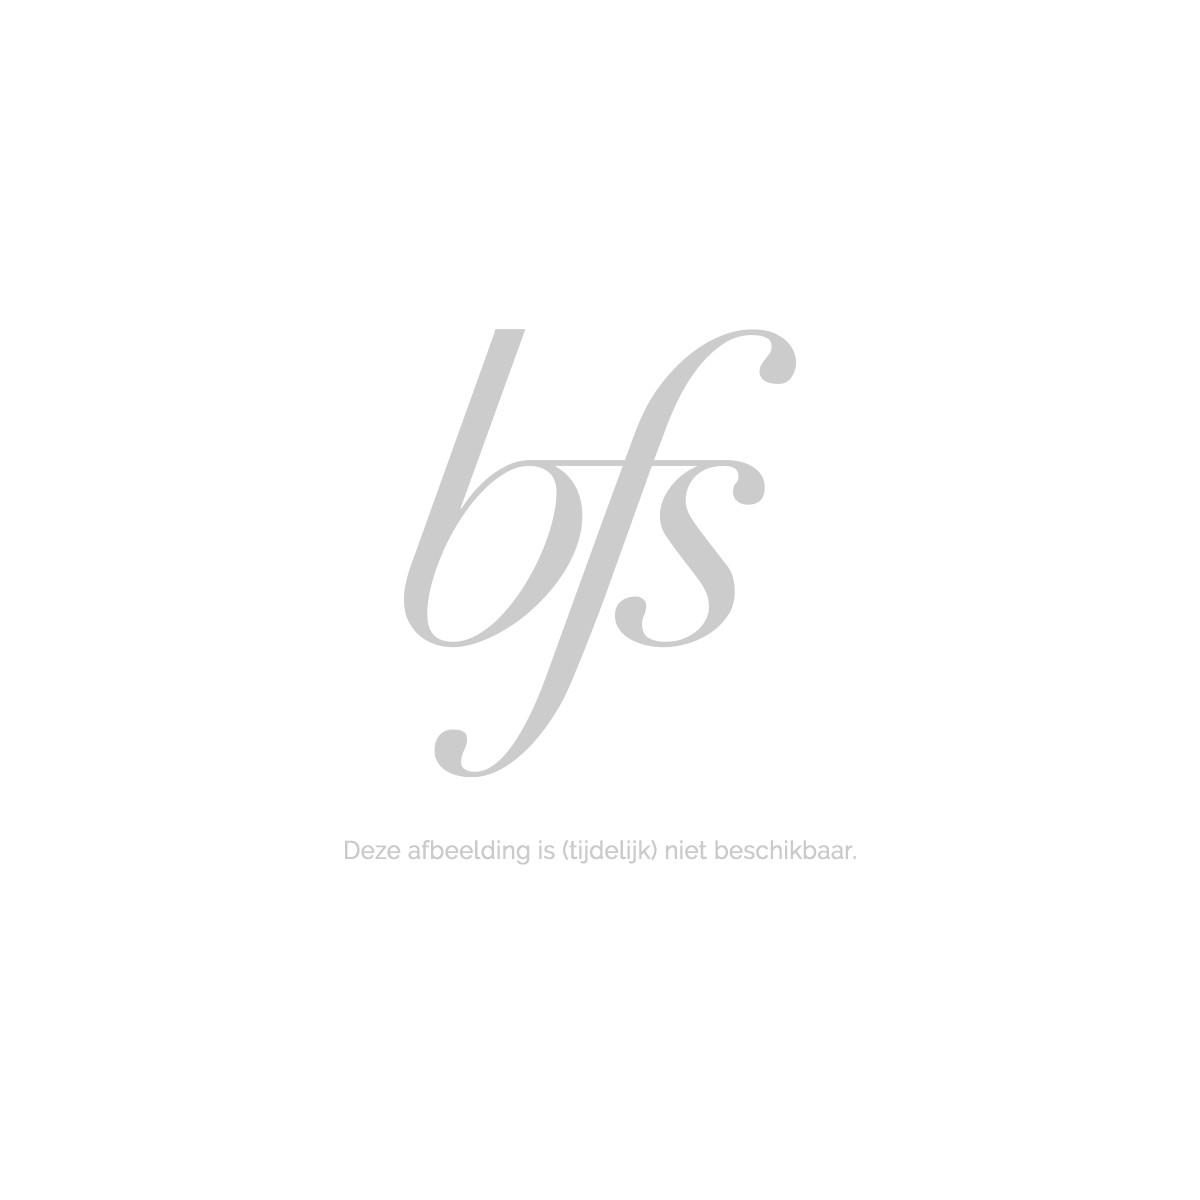 Beardburys Kleurshampoo 3N Voor Haar, Baard En Snor 75 Ml